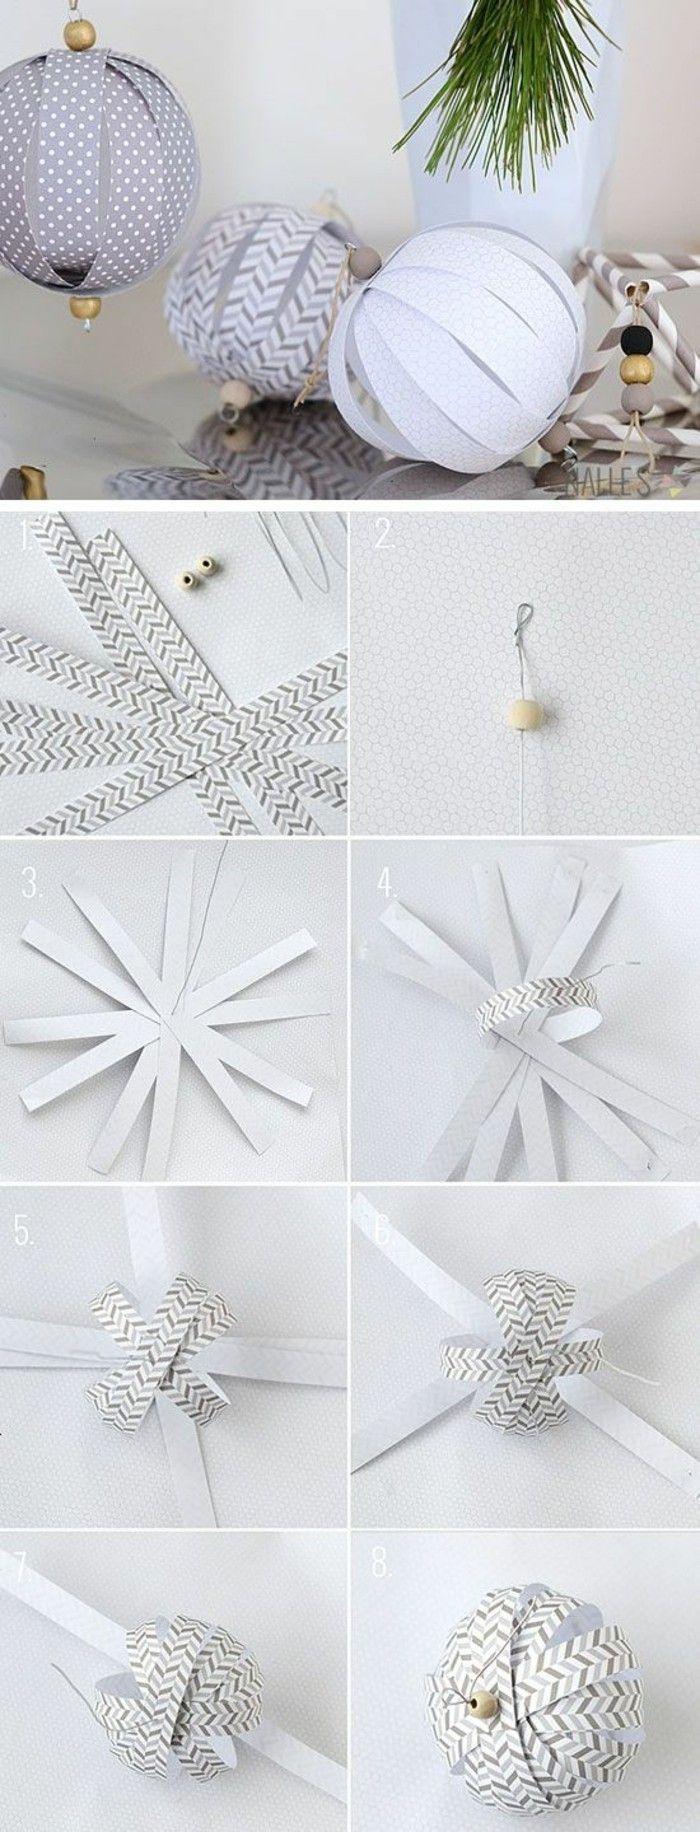 die besten 25 papier basteln ideen auf pinterest basteln weihnachten papier. Black Bedroom Furniture Sets. Home Design Ideas